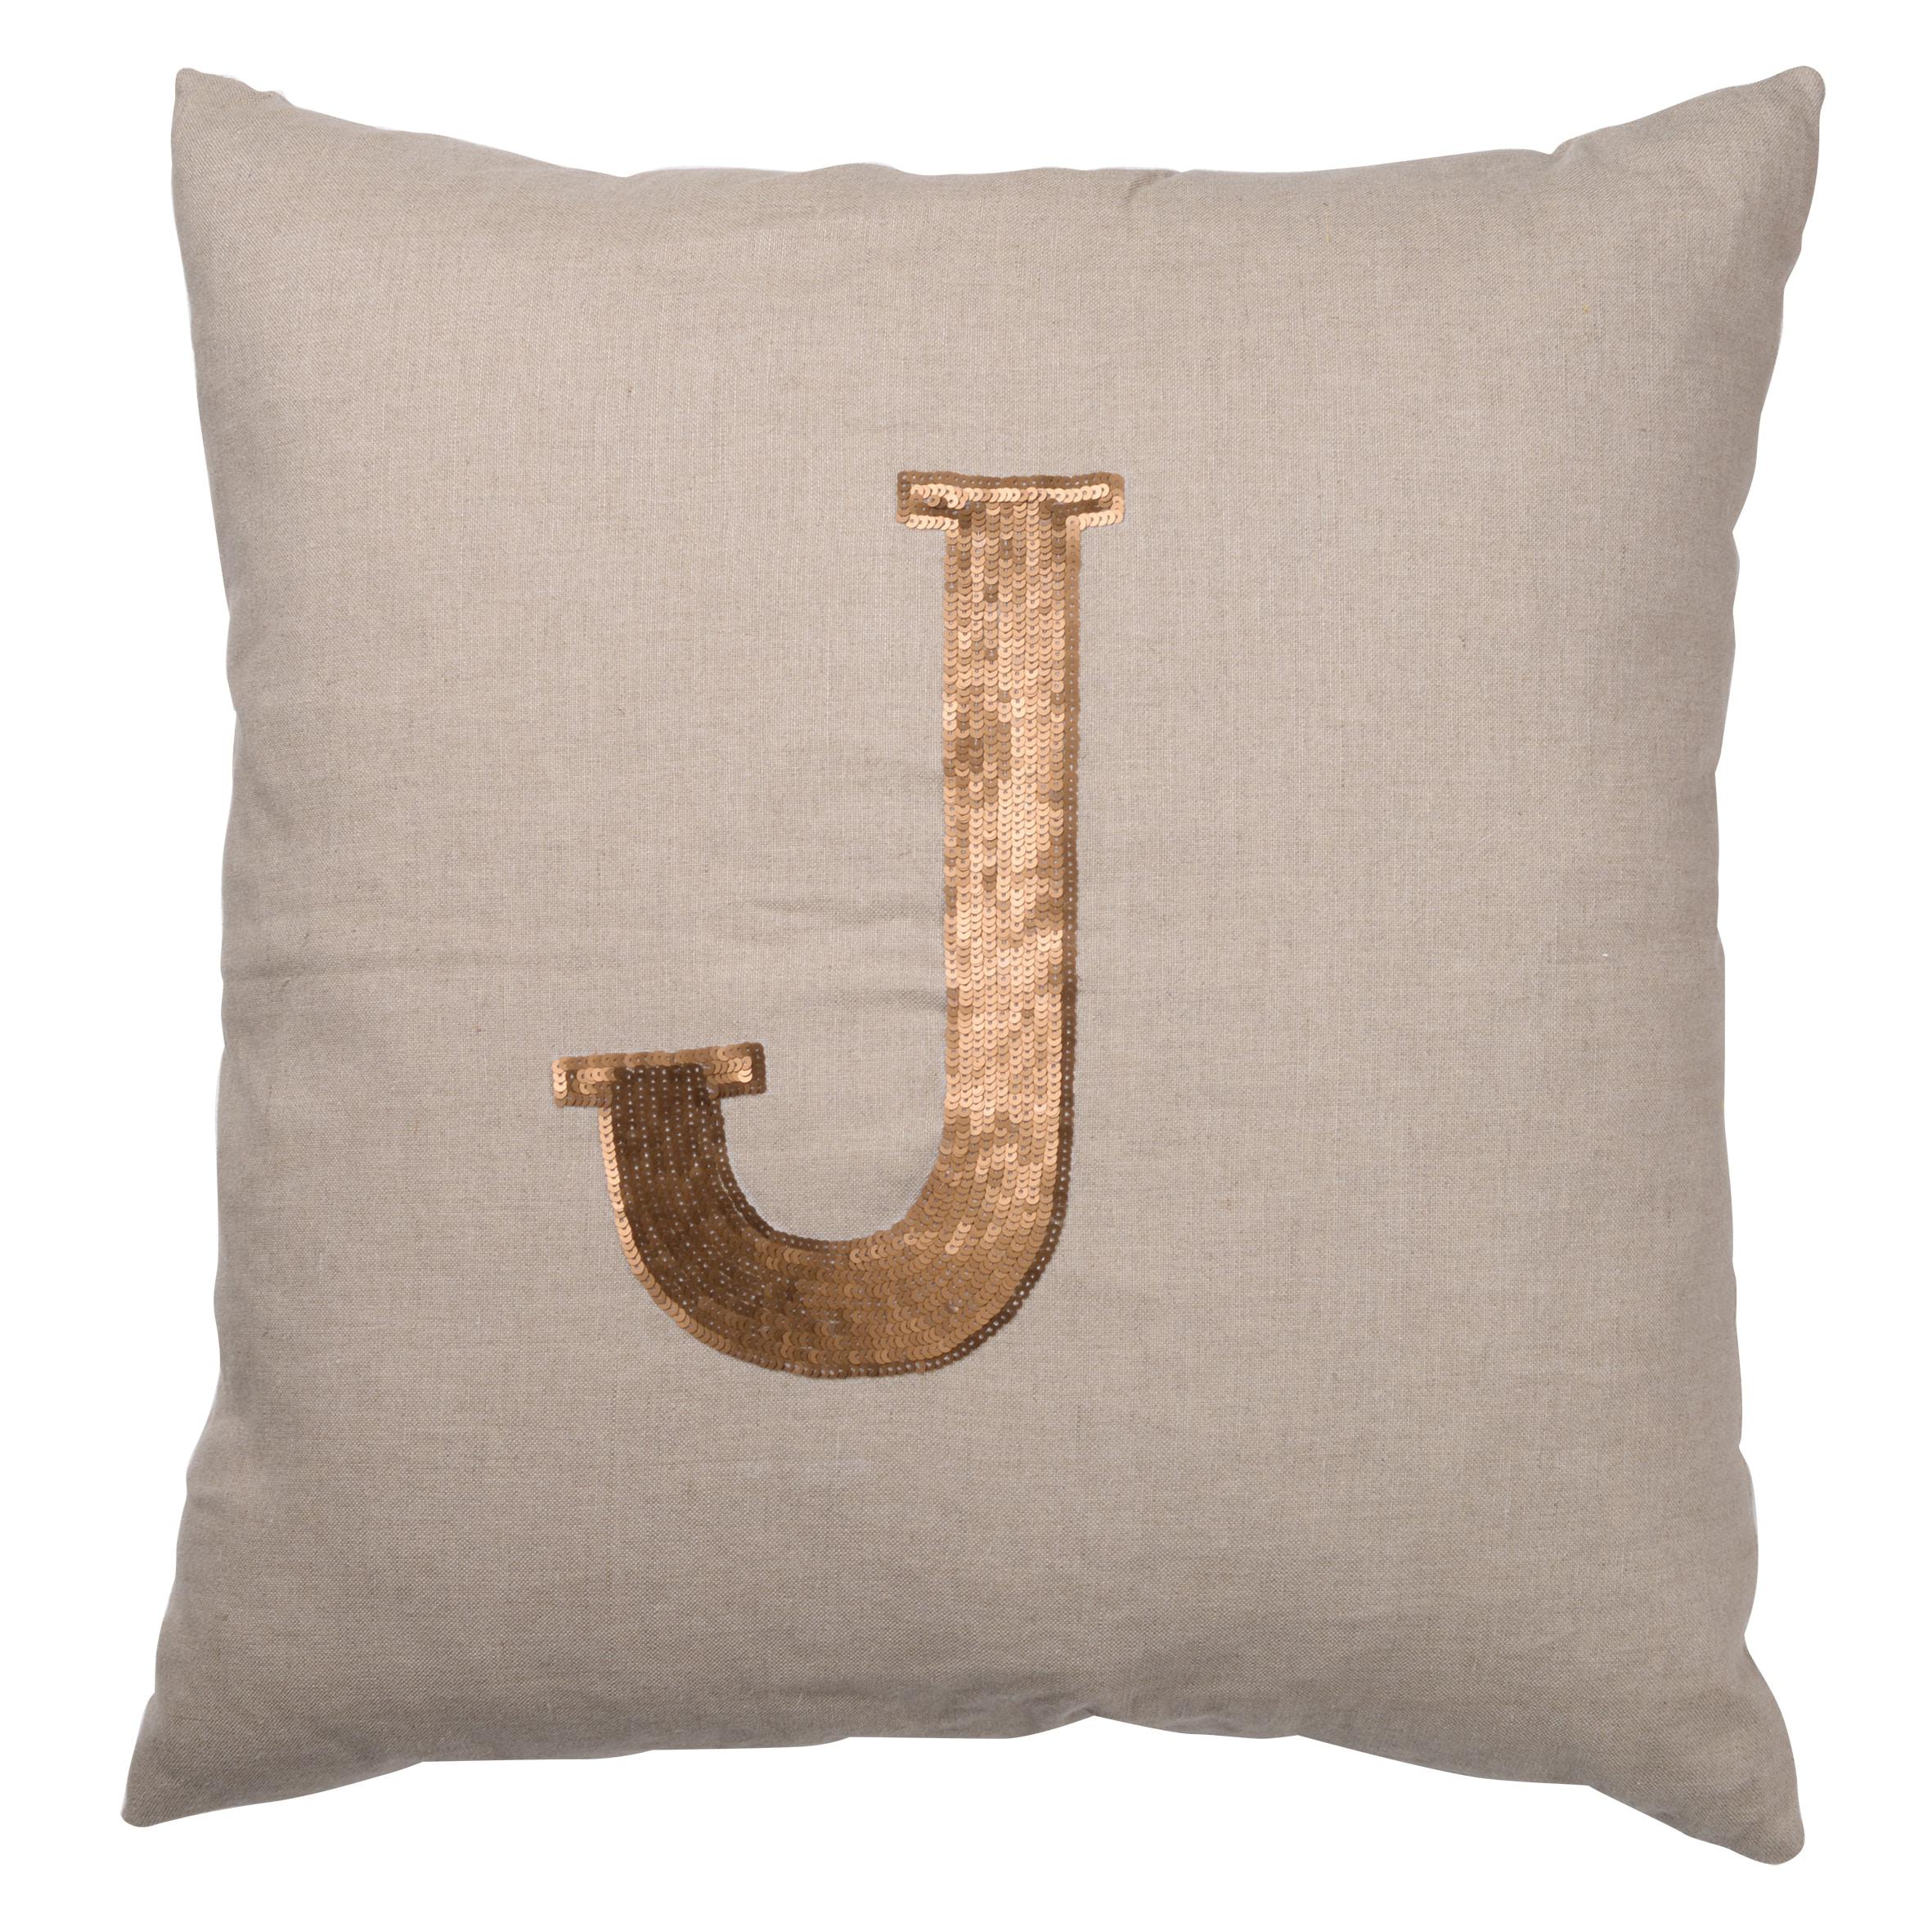 Dashiell Joy Tan Linen Throw Pillows (Pack of 3) (S/3 DASHIELL JOY PILLOWS)